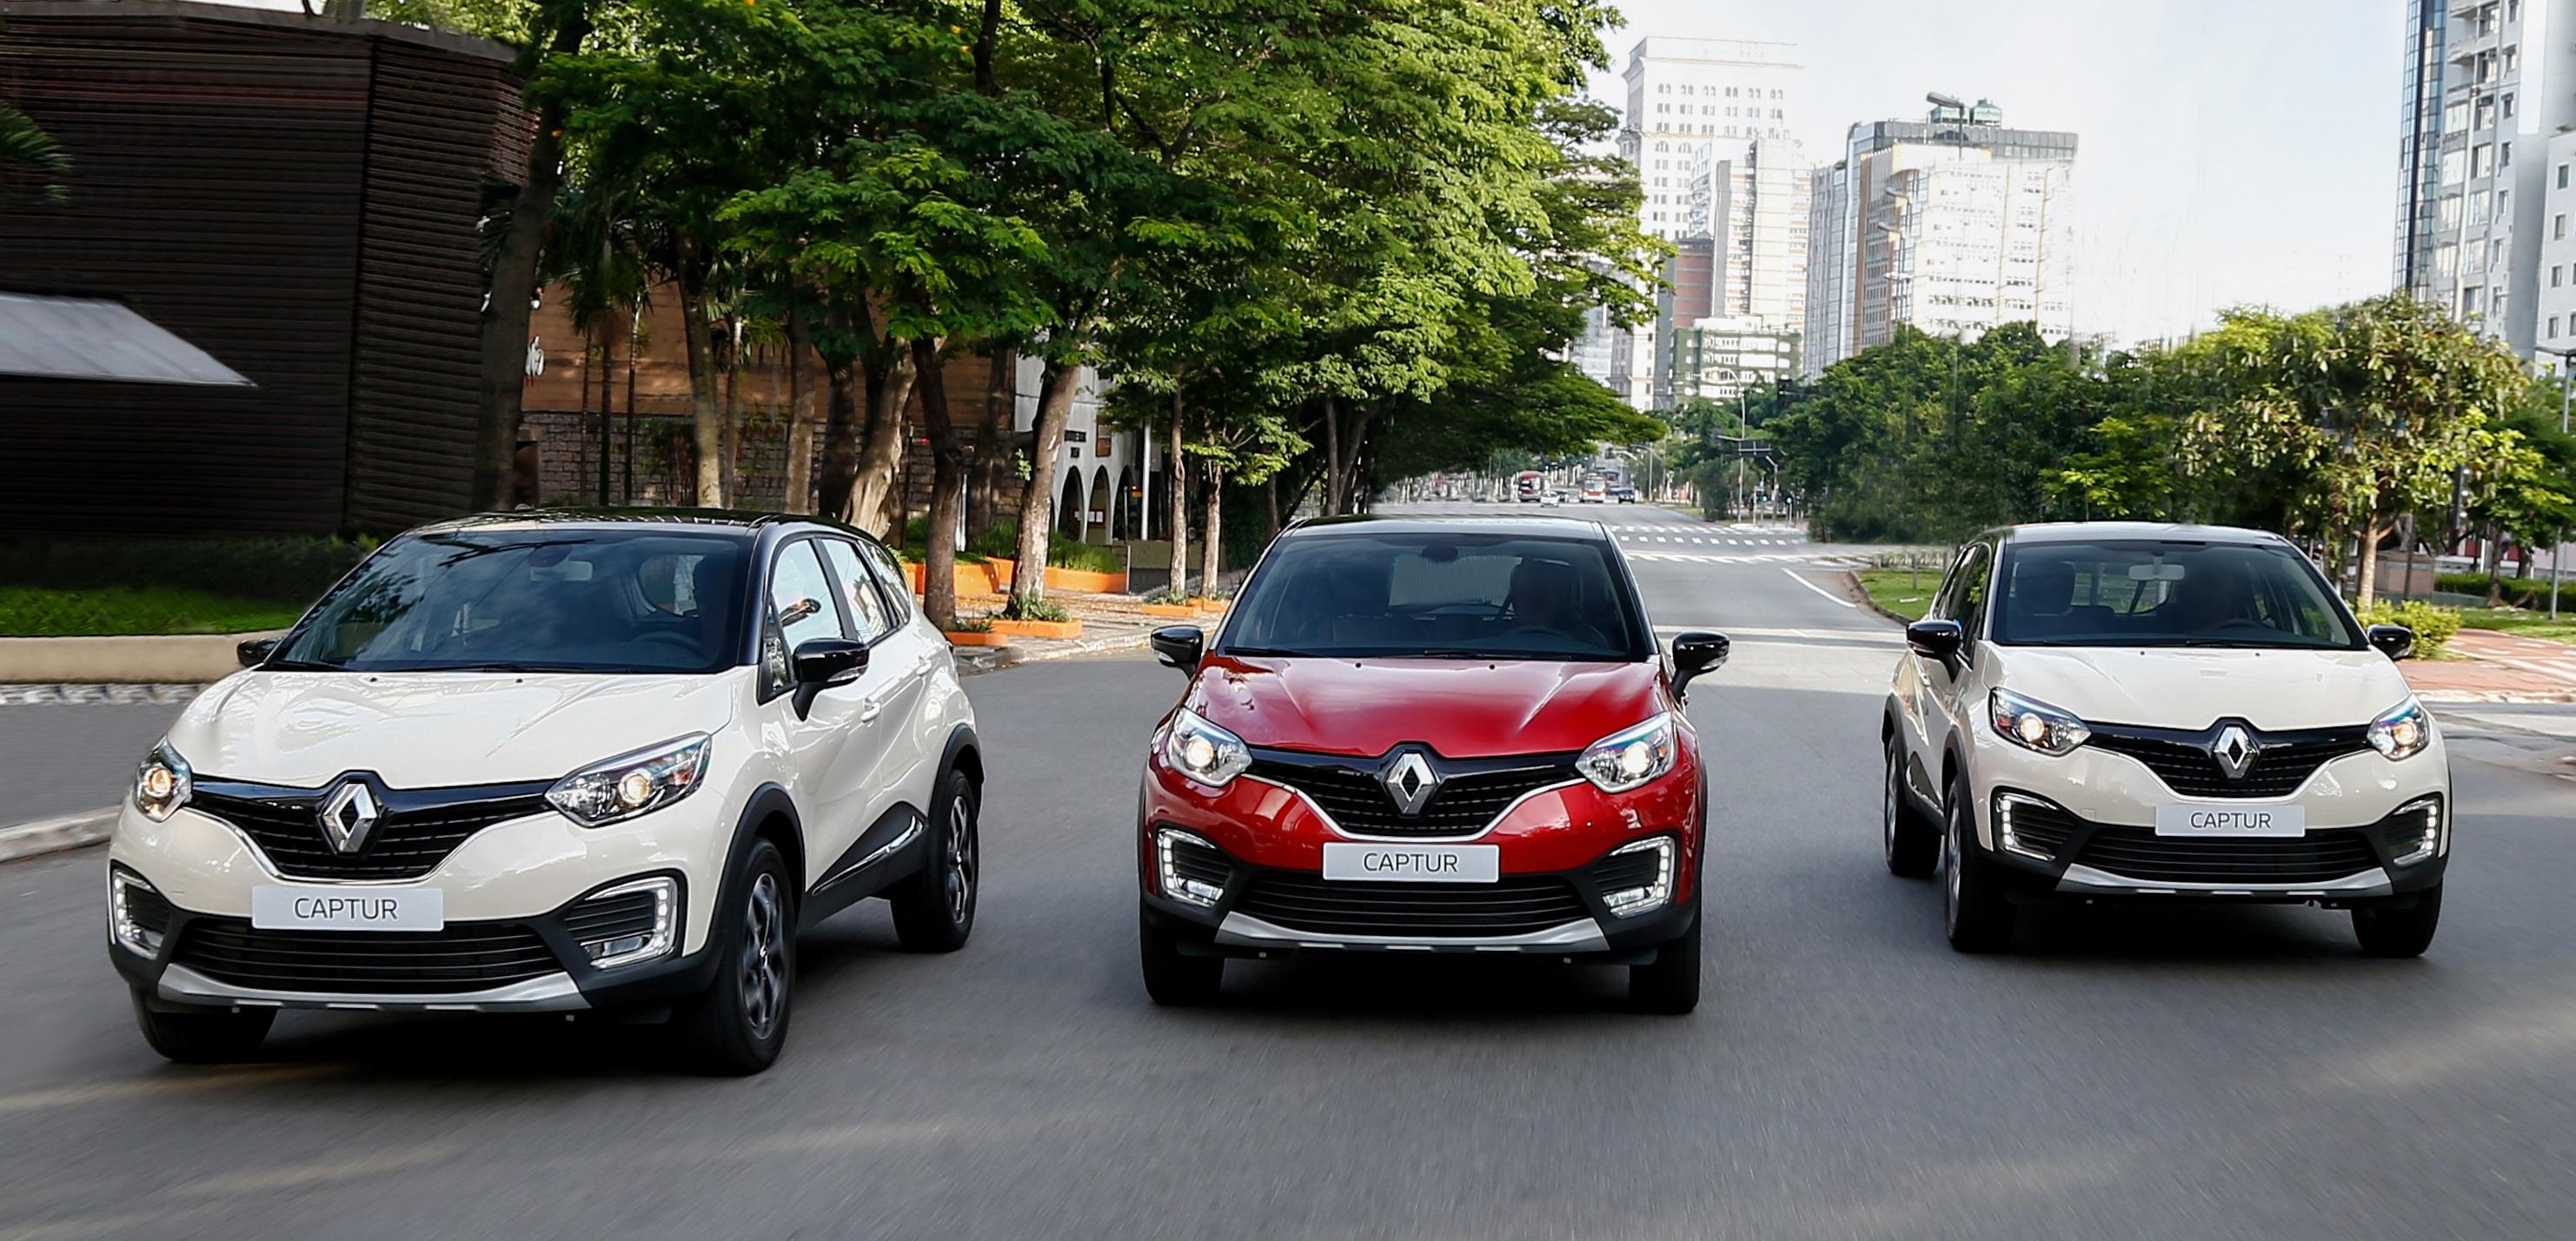 Renault Captur, Duster e Oroch estão com preços até R$ 13.000,00 mais baixos neste mês